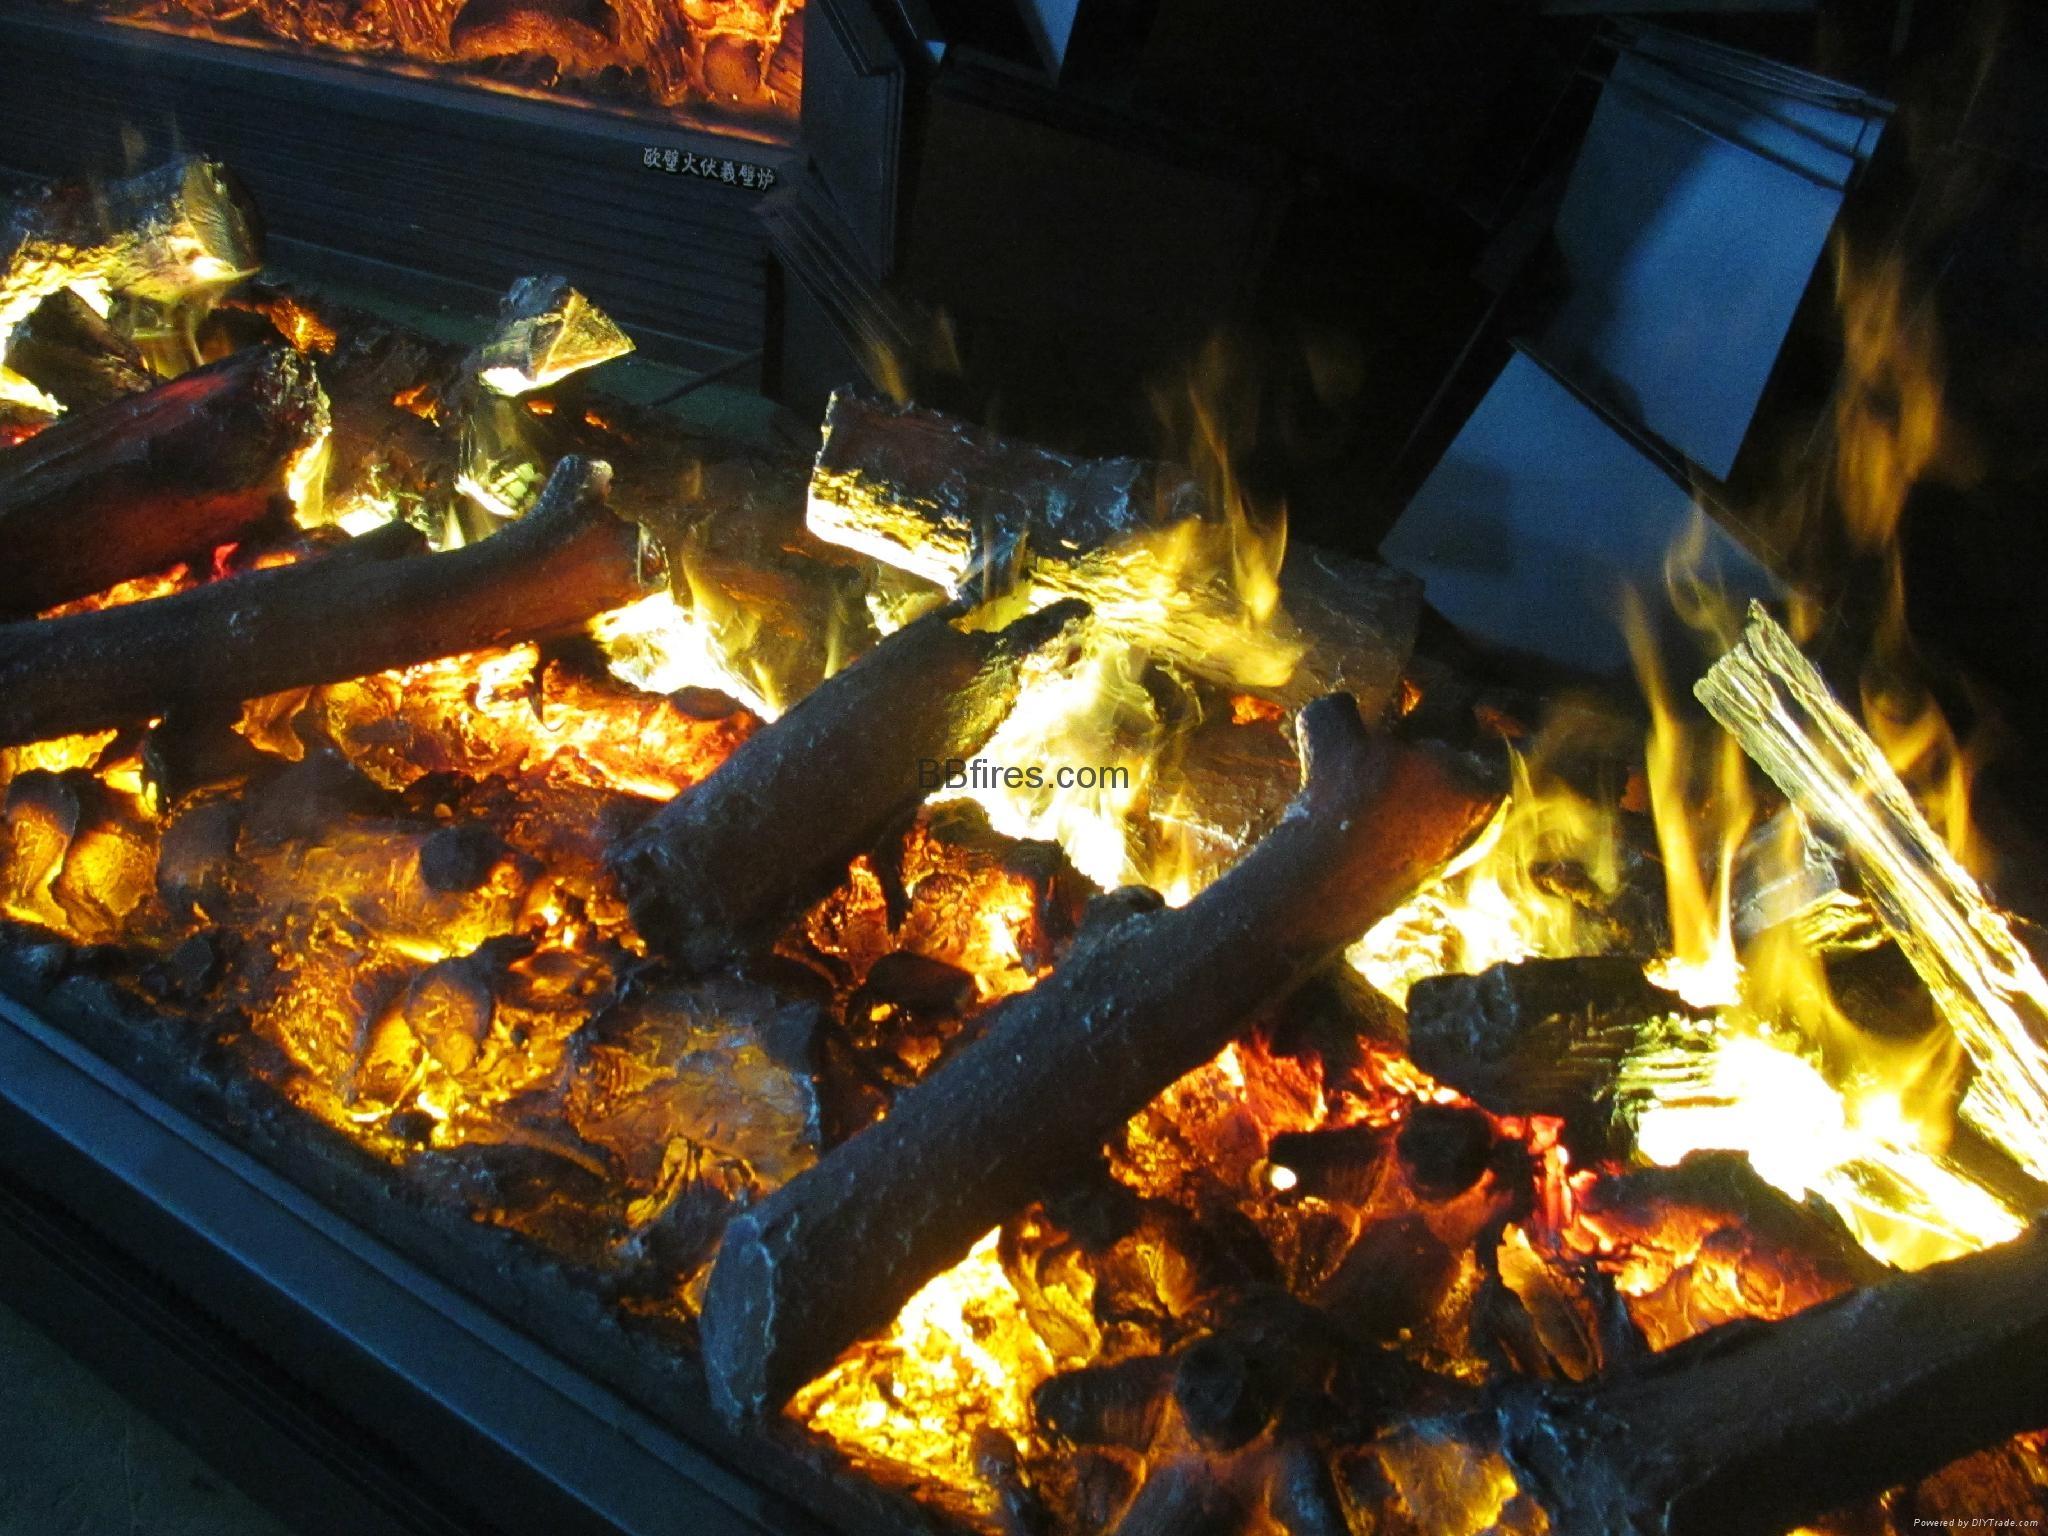 Luzern Boulevard, Kwu Tung 3054mm 3D fireplace 15